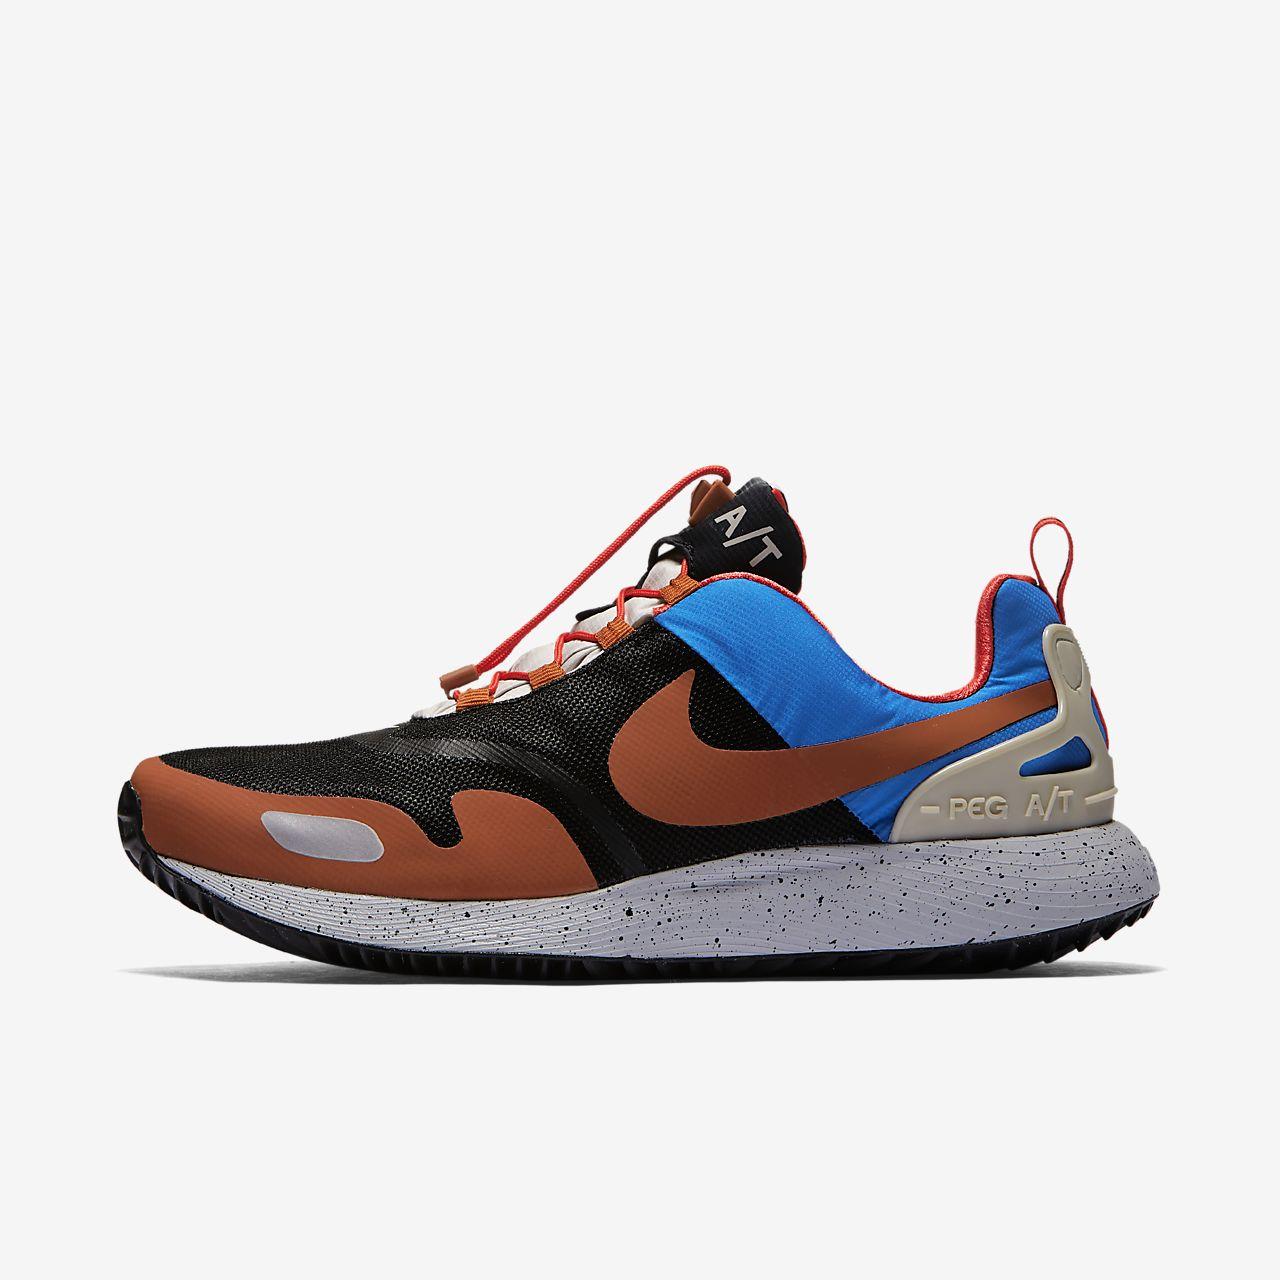 scarpe nike pegasus